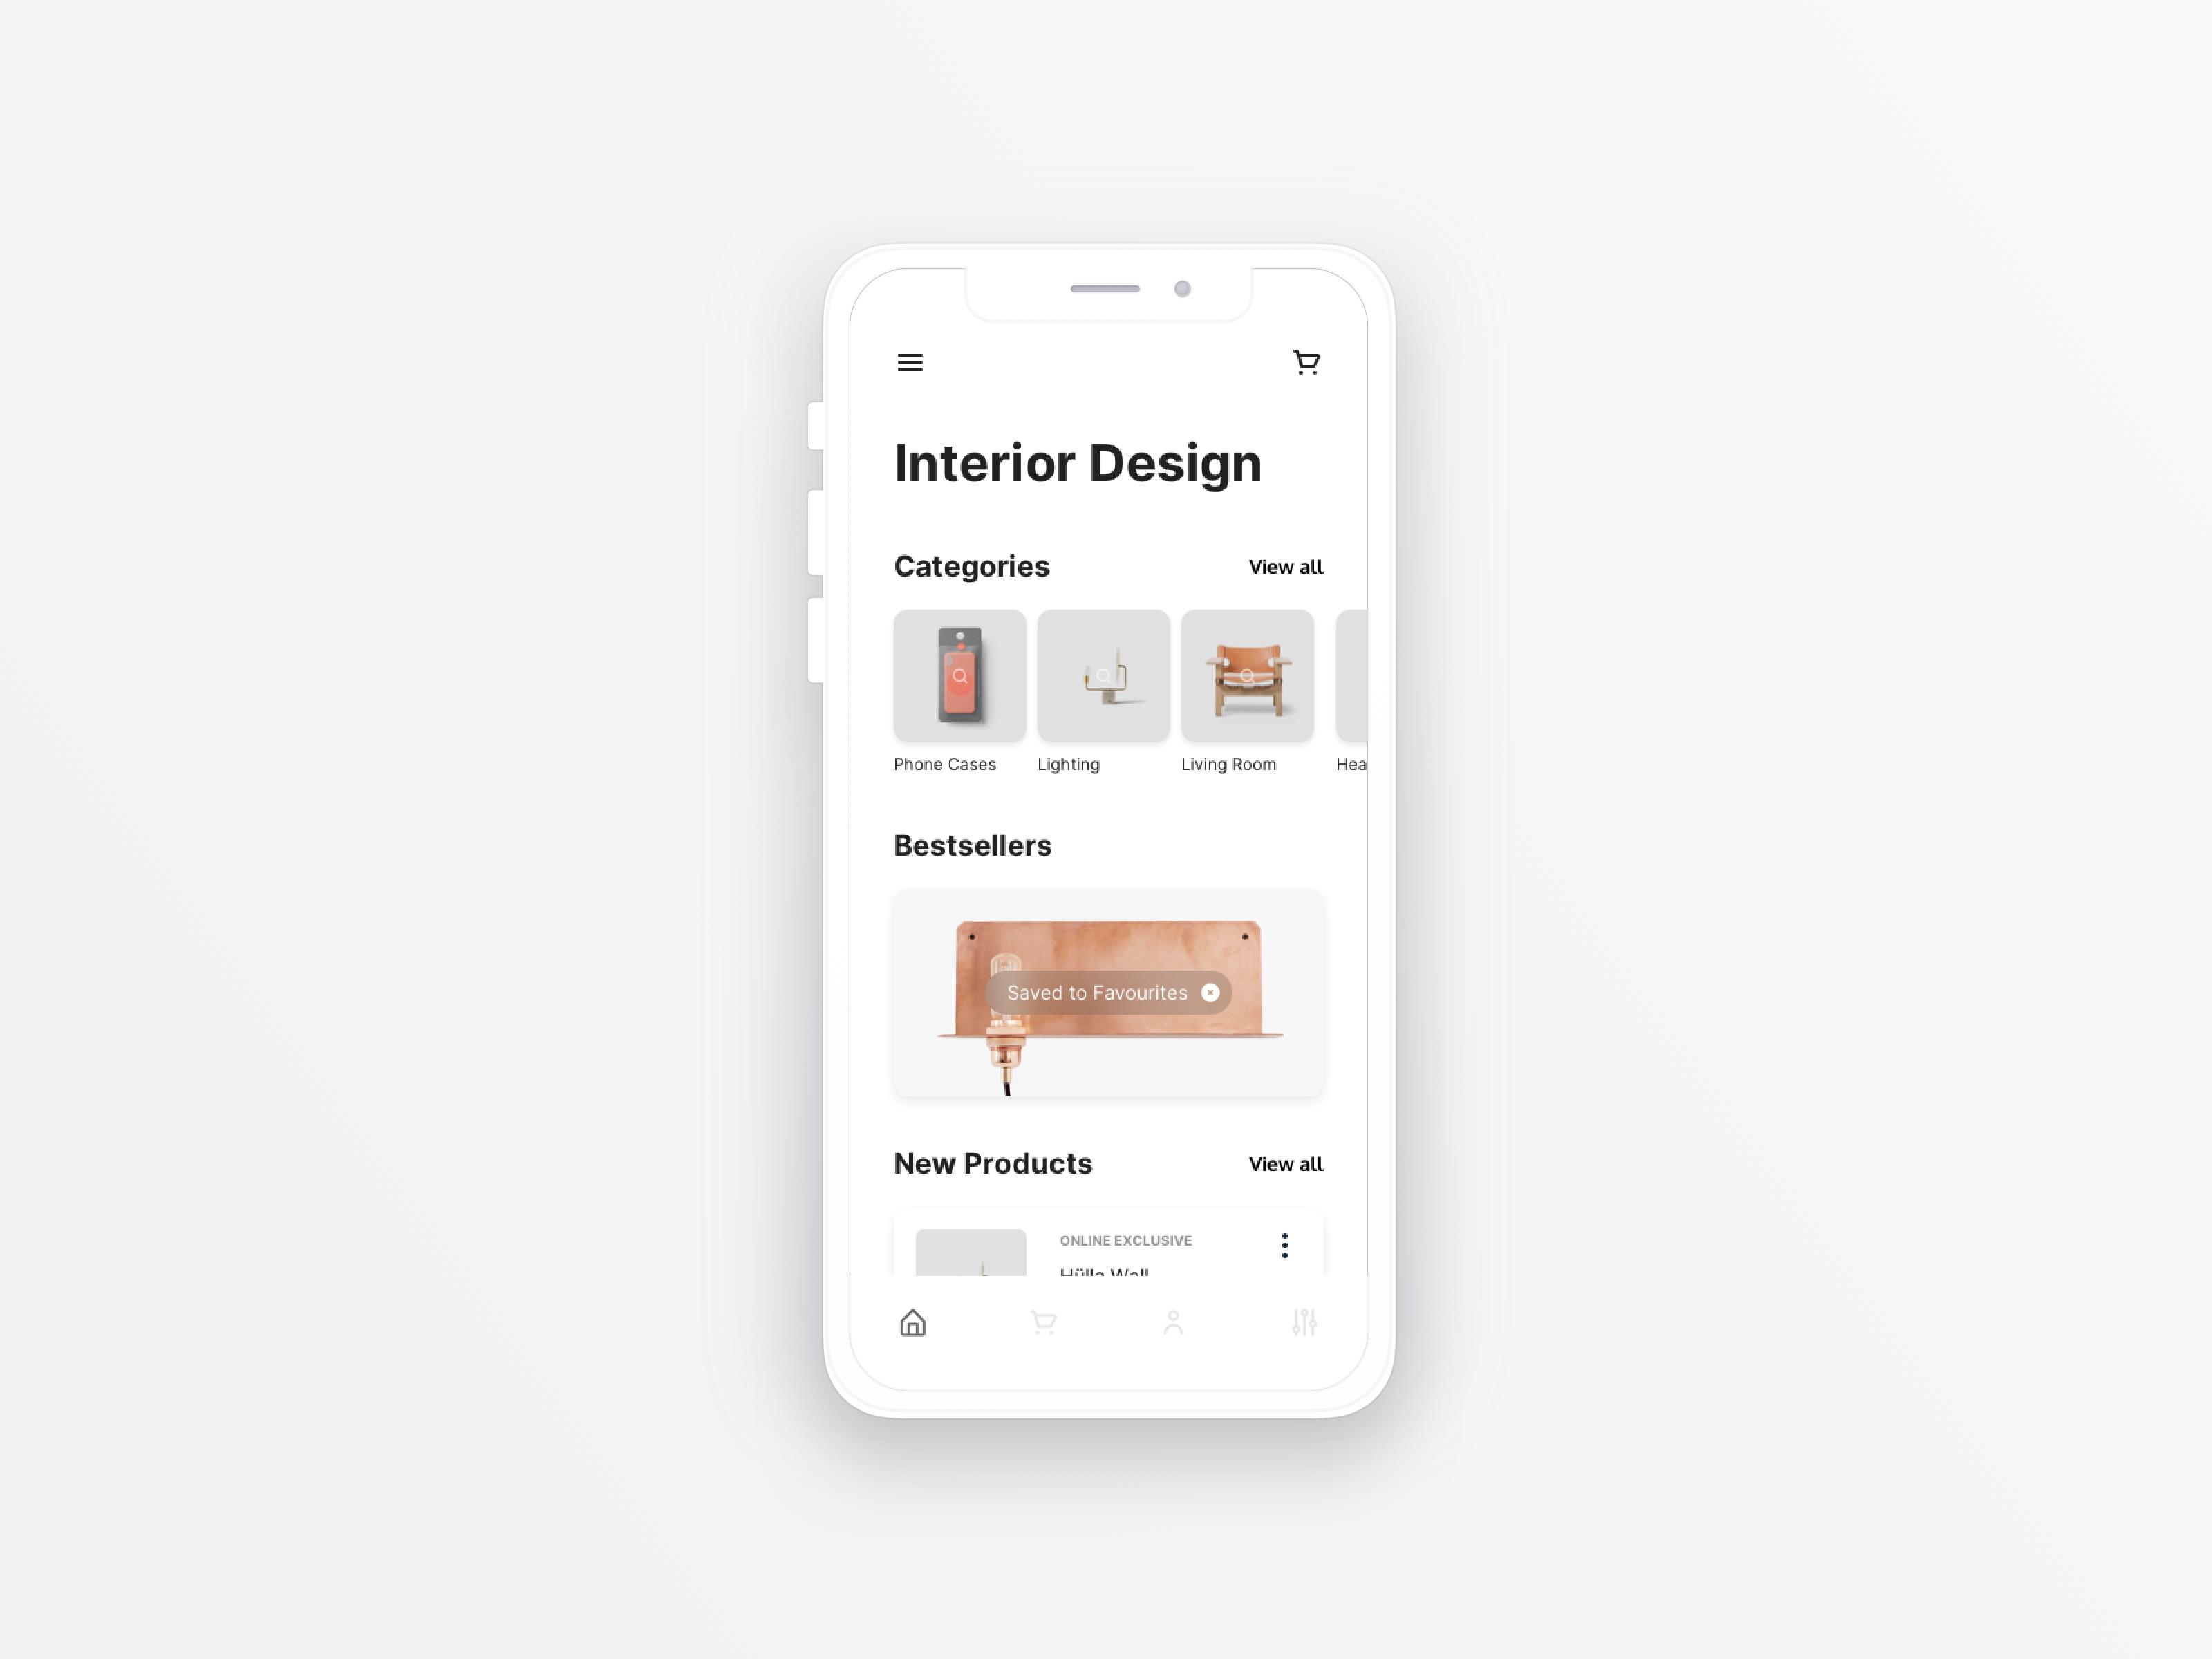 Image of UI for a Interior Design App